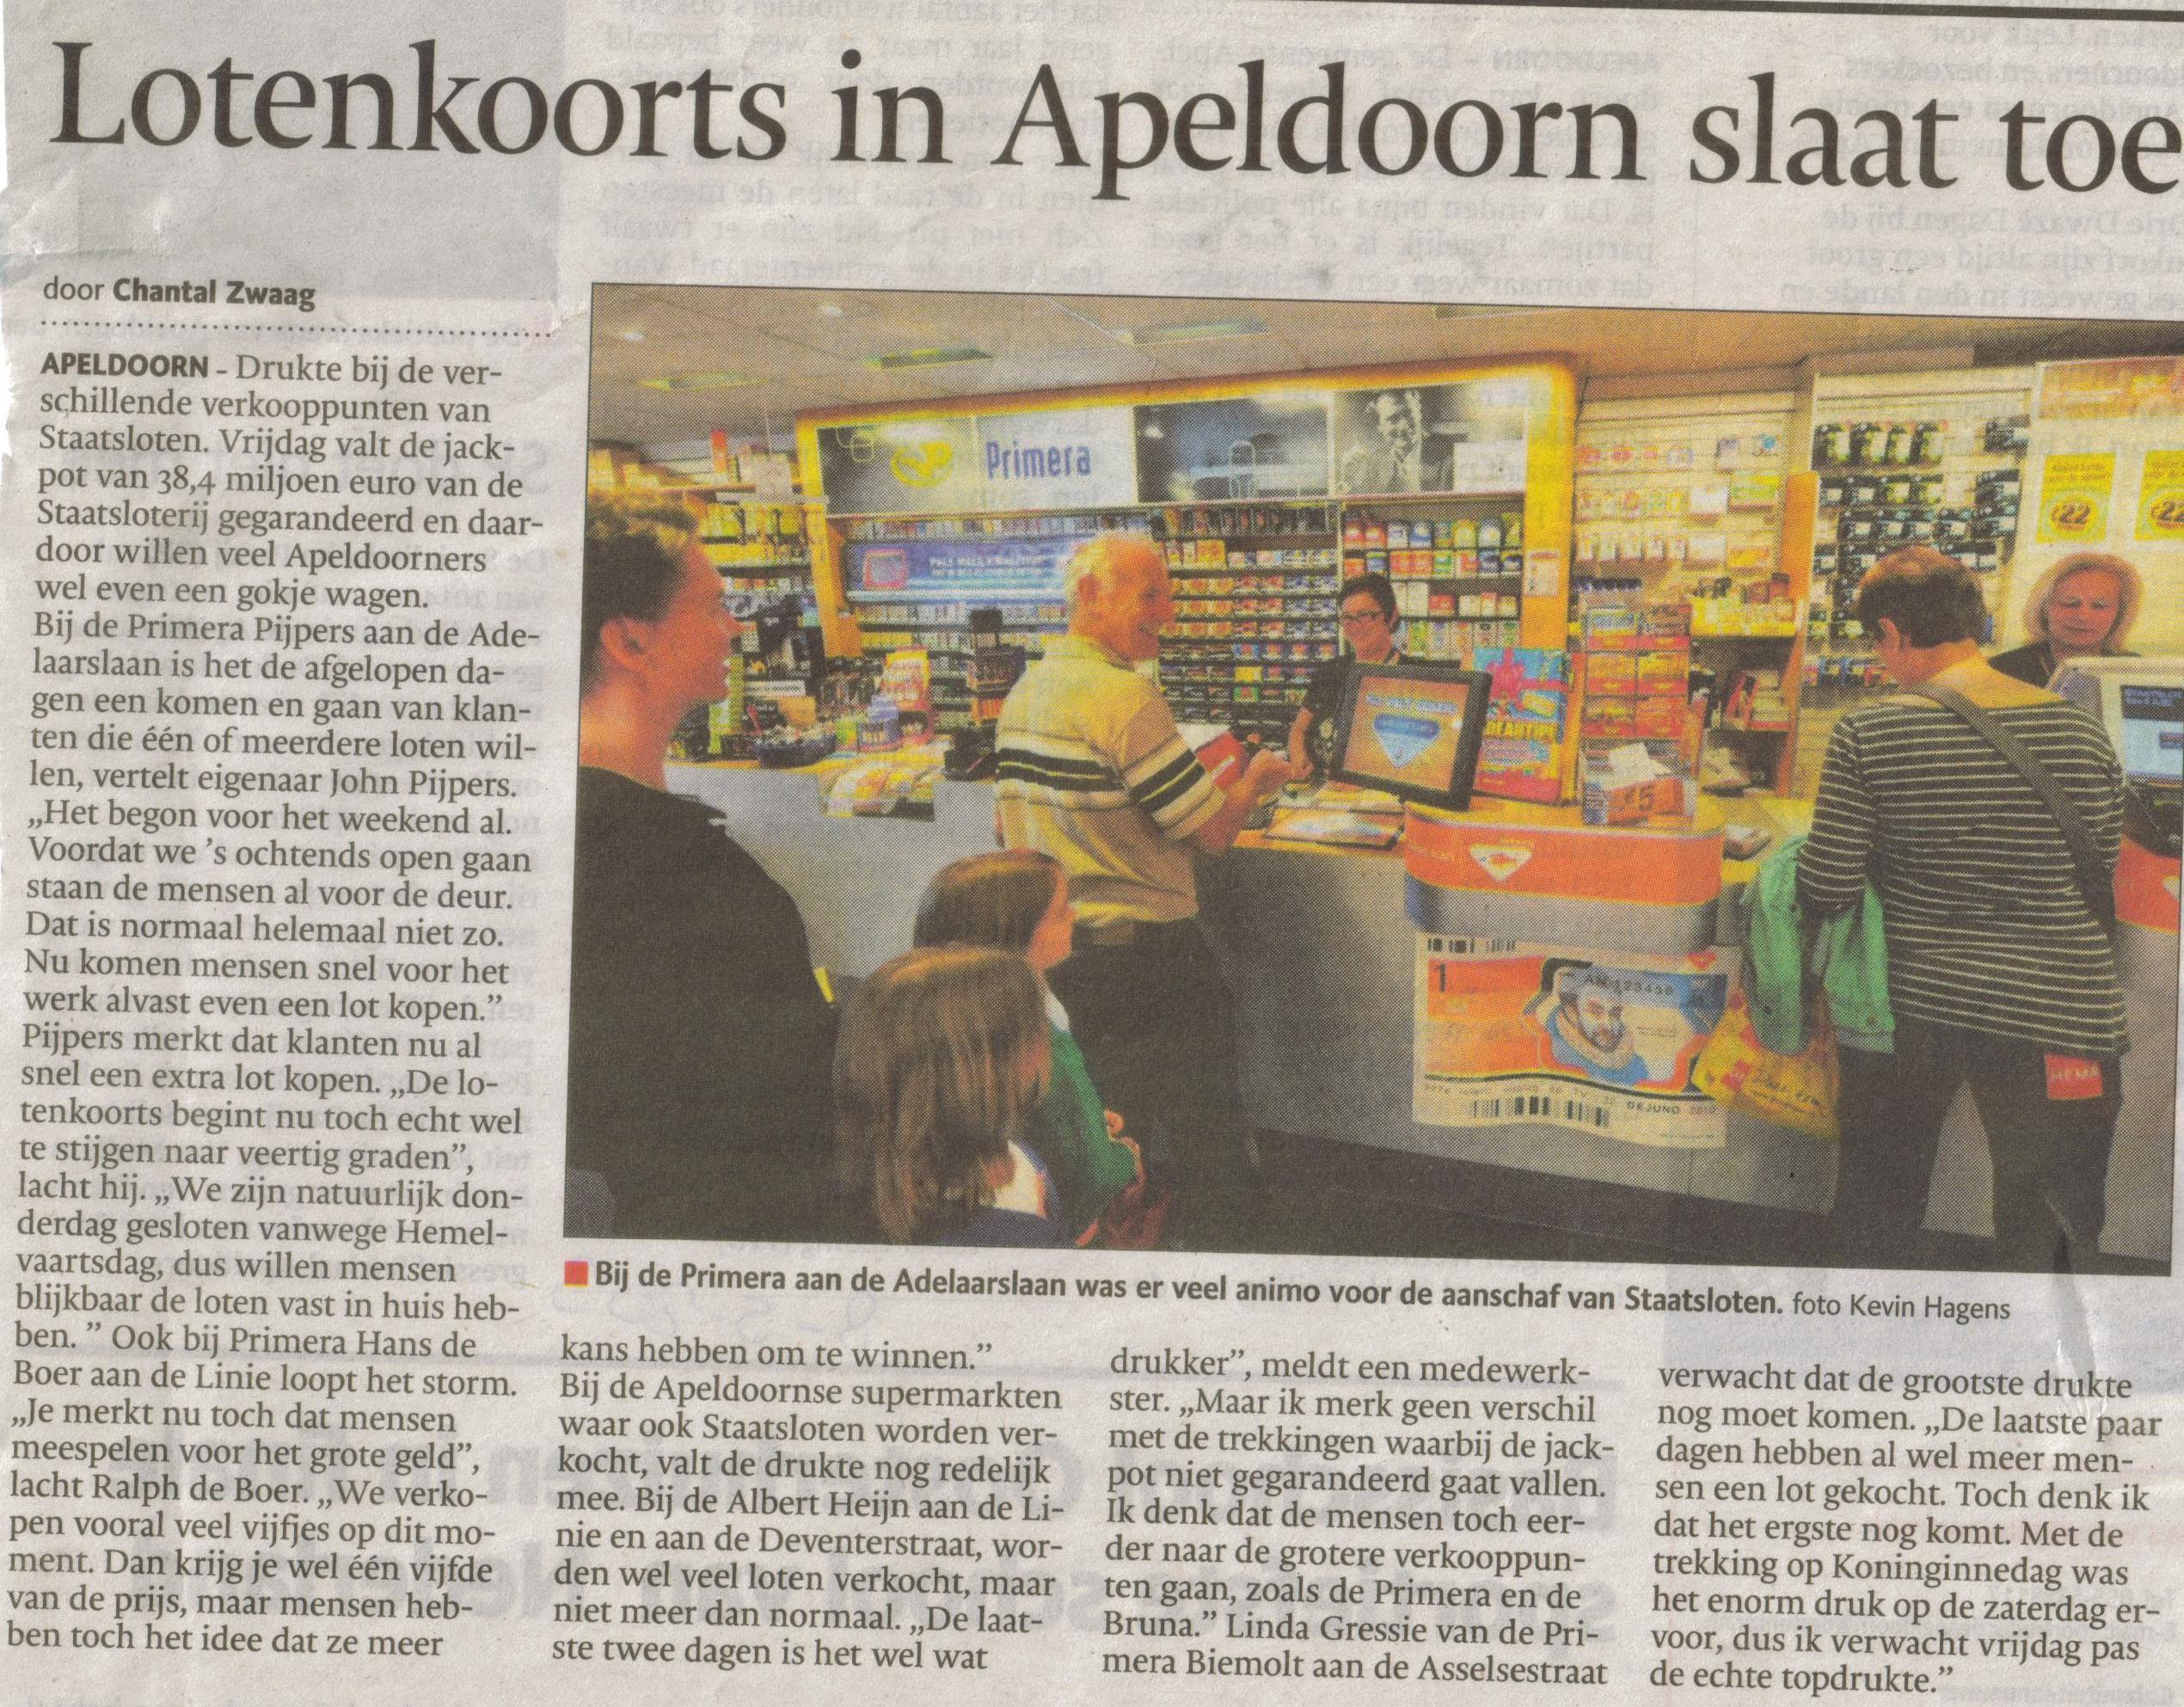 5- lotenkoorts in Apeldoorn slaat toe-publicatiedatum 8 mei 2013